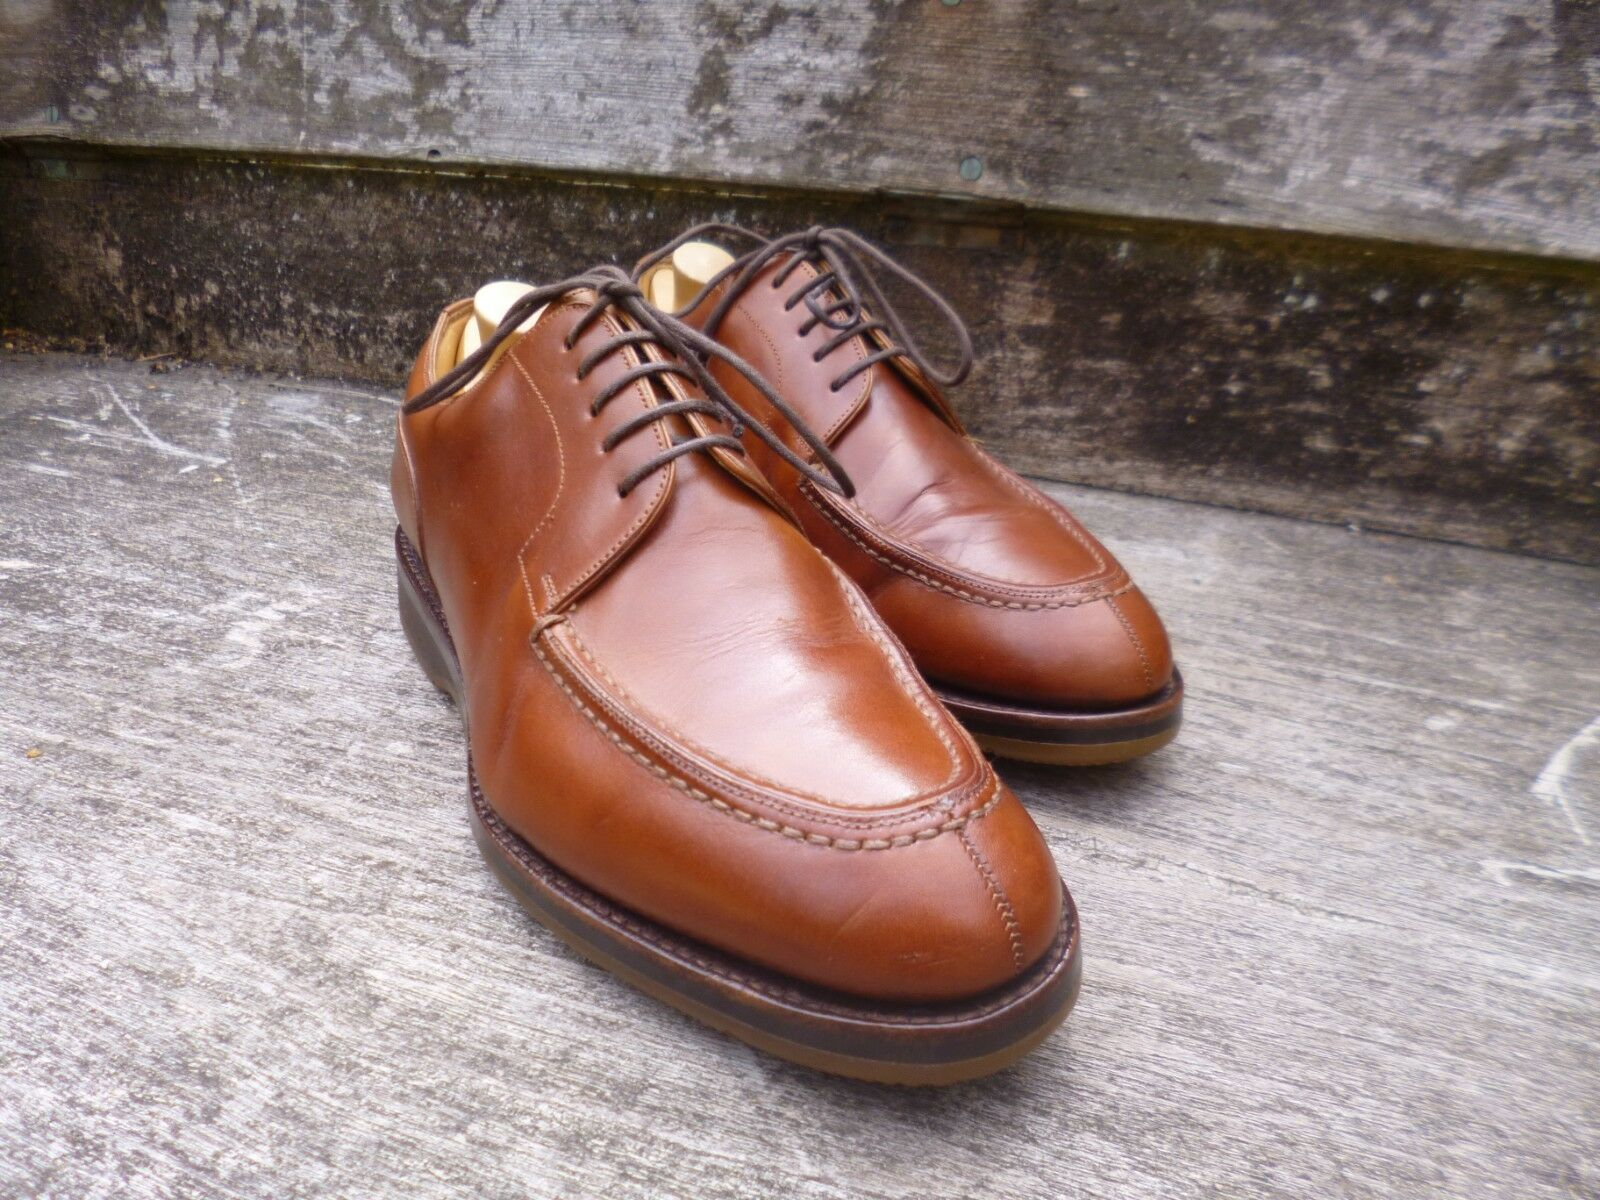 Shipton e heneage split-toe derby – Marronee Tan – – Ottime condizioni Sautope classeiche da uomo